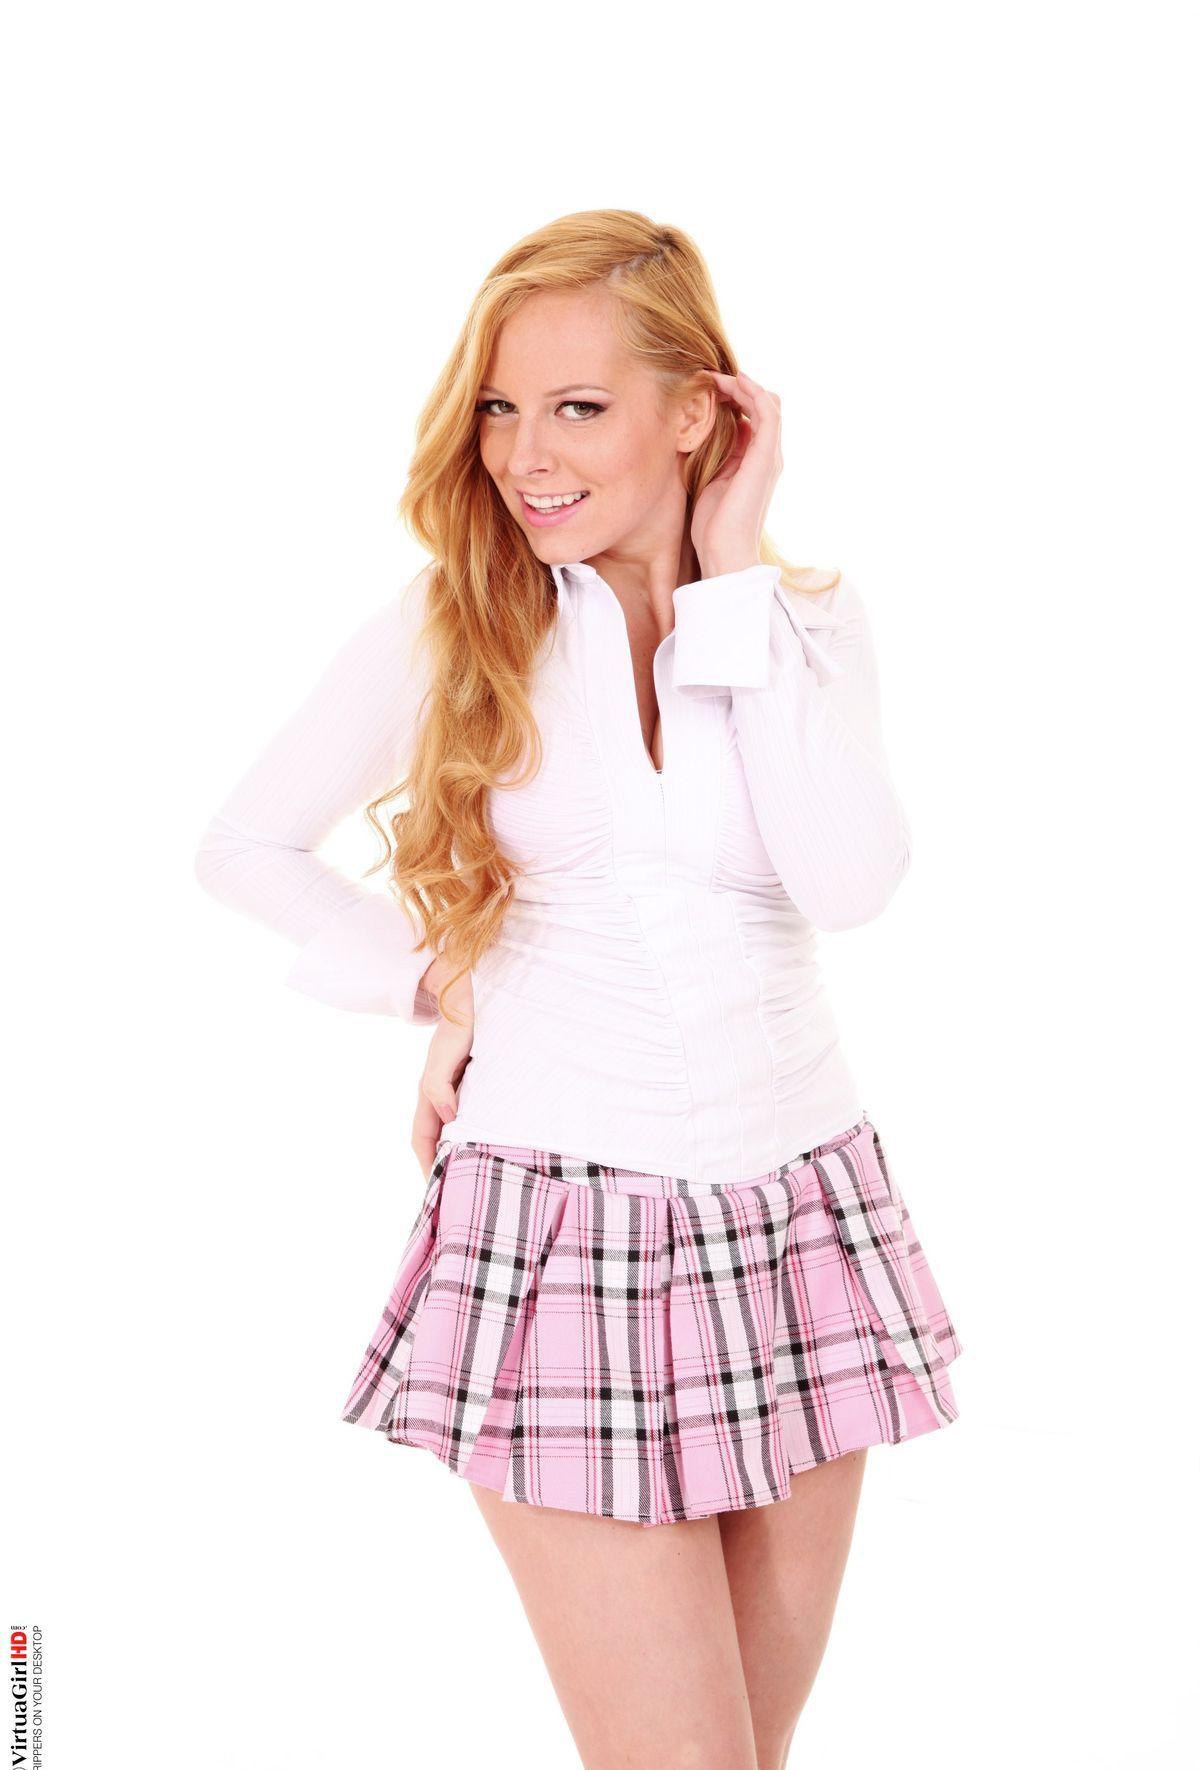 Девушки: Эротическая модель Земфира (14 фото)